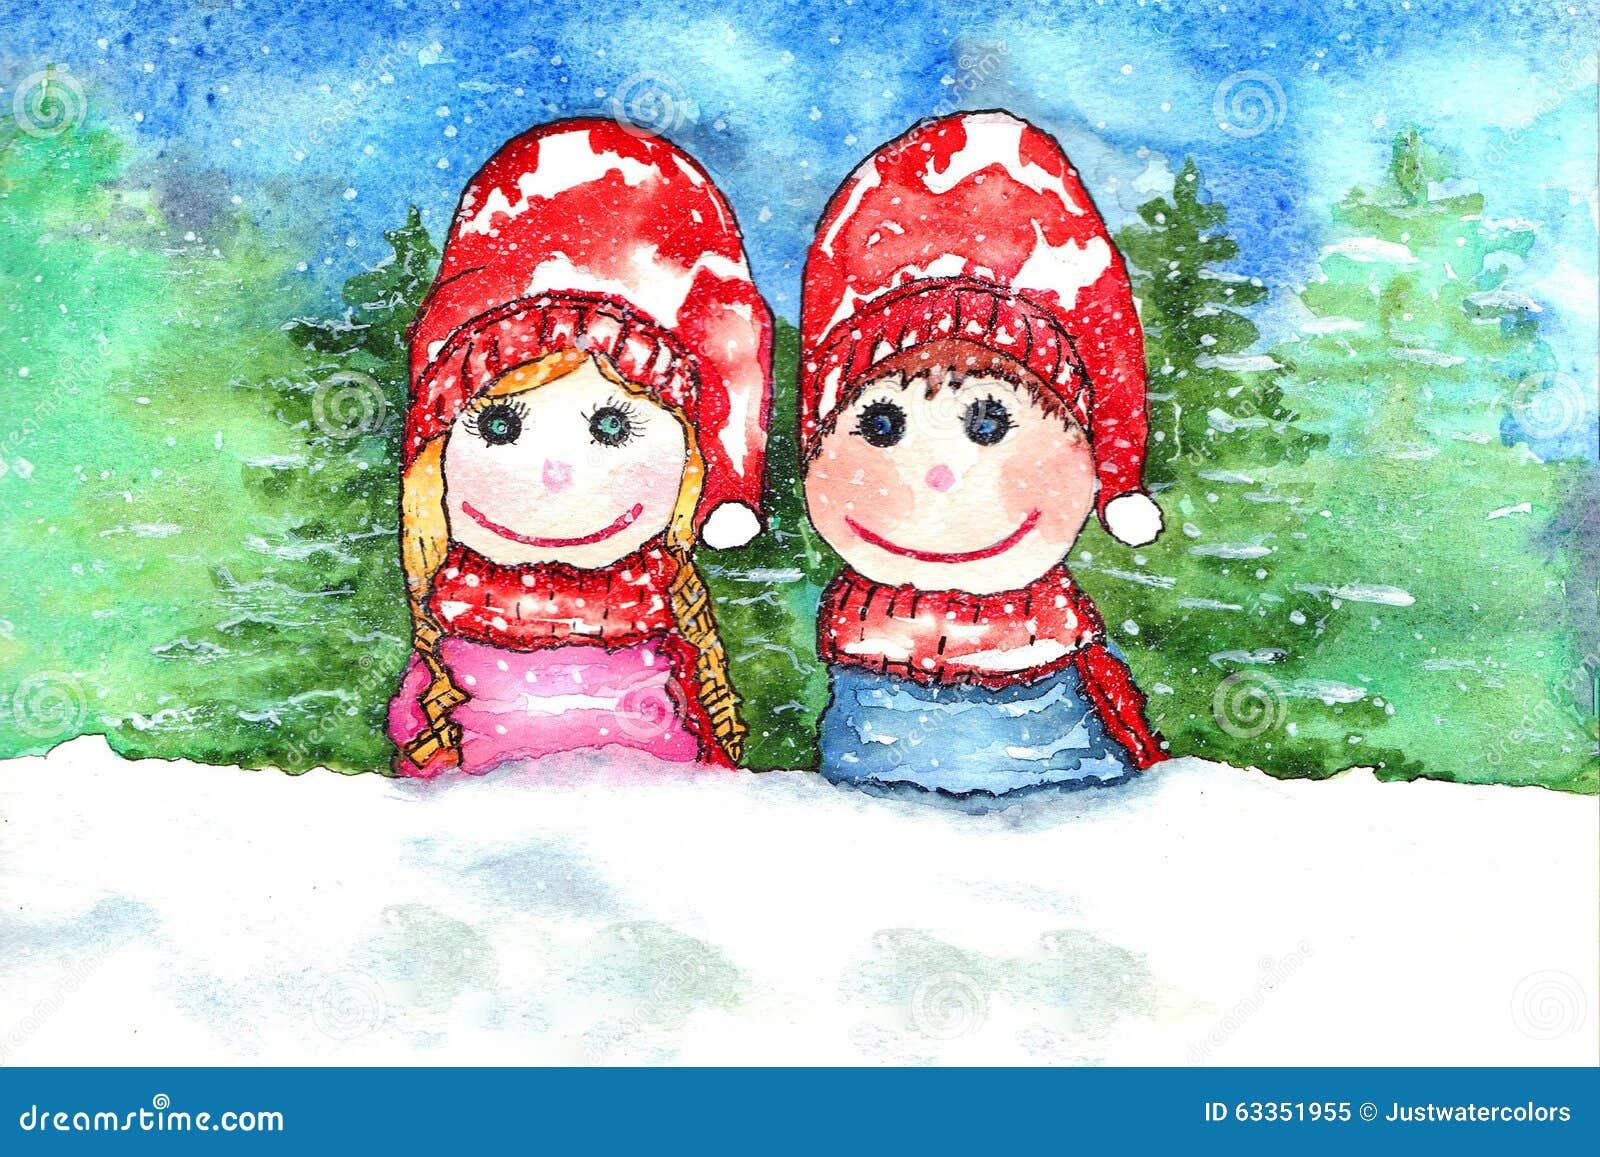 Aquarela da neve das crianças